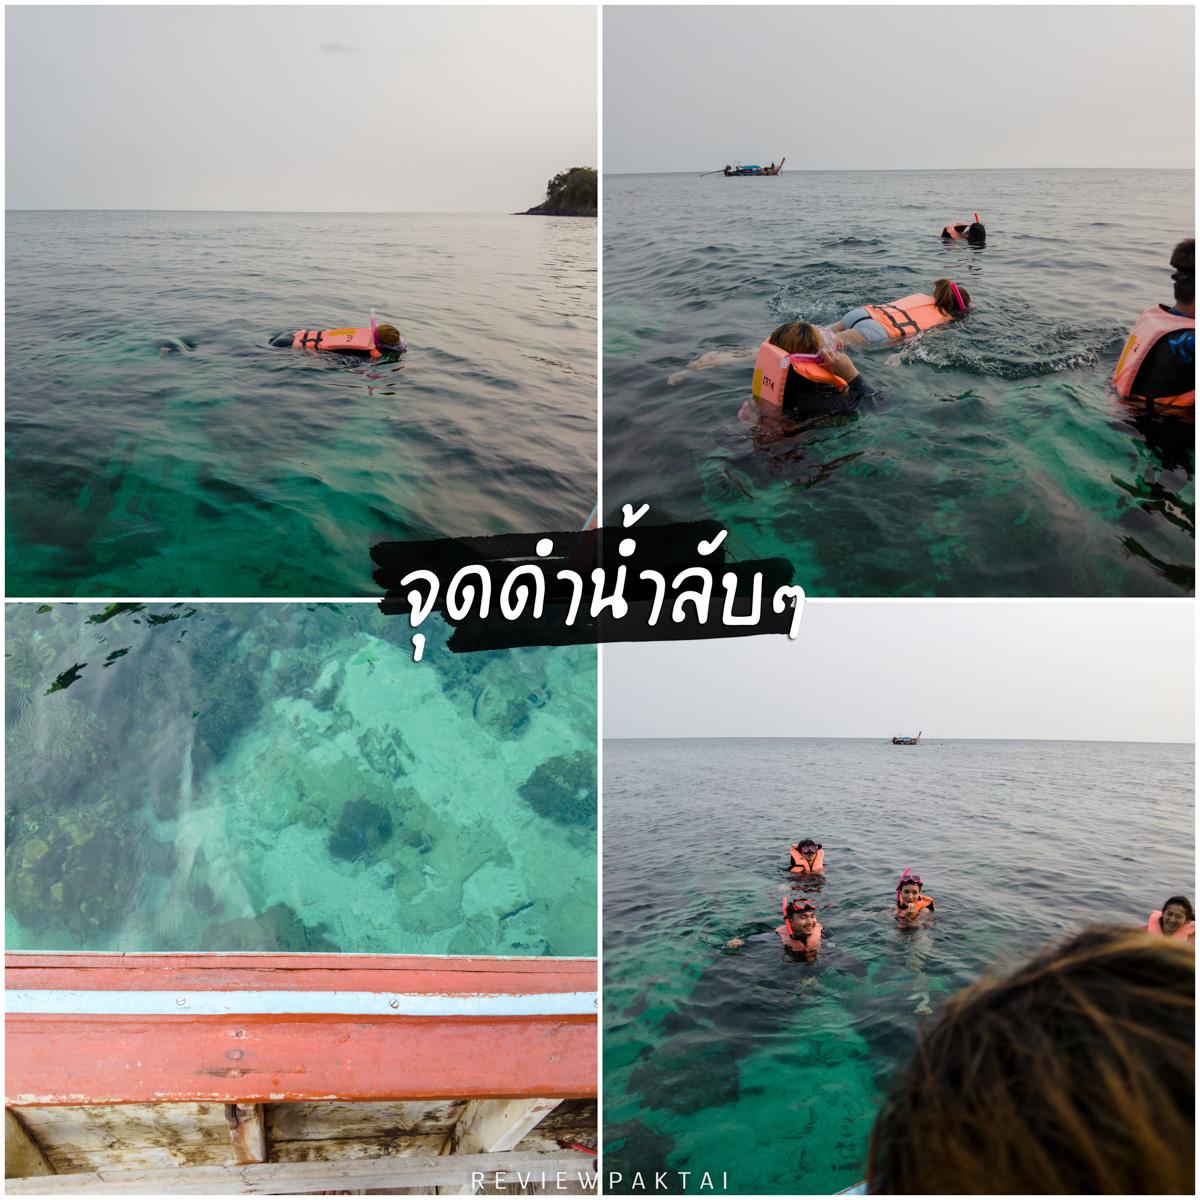 จุดดำน้ำลับๆ-บอกเลยว่าจุดนี้น้ำสีเขียวใสมรกตมากๆ-แถมยังมีให้ดำน้ำดูปะการัง-และปลาการ์ตูนน่ารักๆด้วยน้าา พิกัด-:-หลังเกาะหินงาม เกาะหลีเป๊ะ,สตูล,น้ำใส,ททท,การท่องเที่ยว